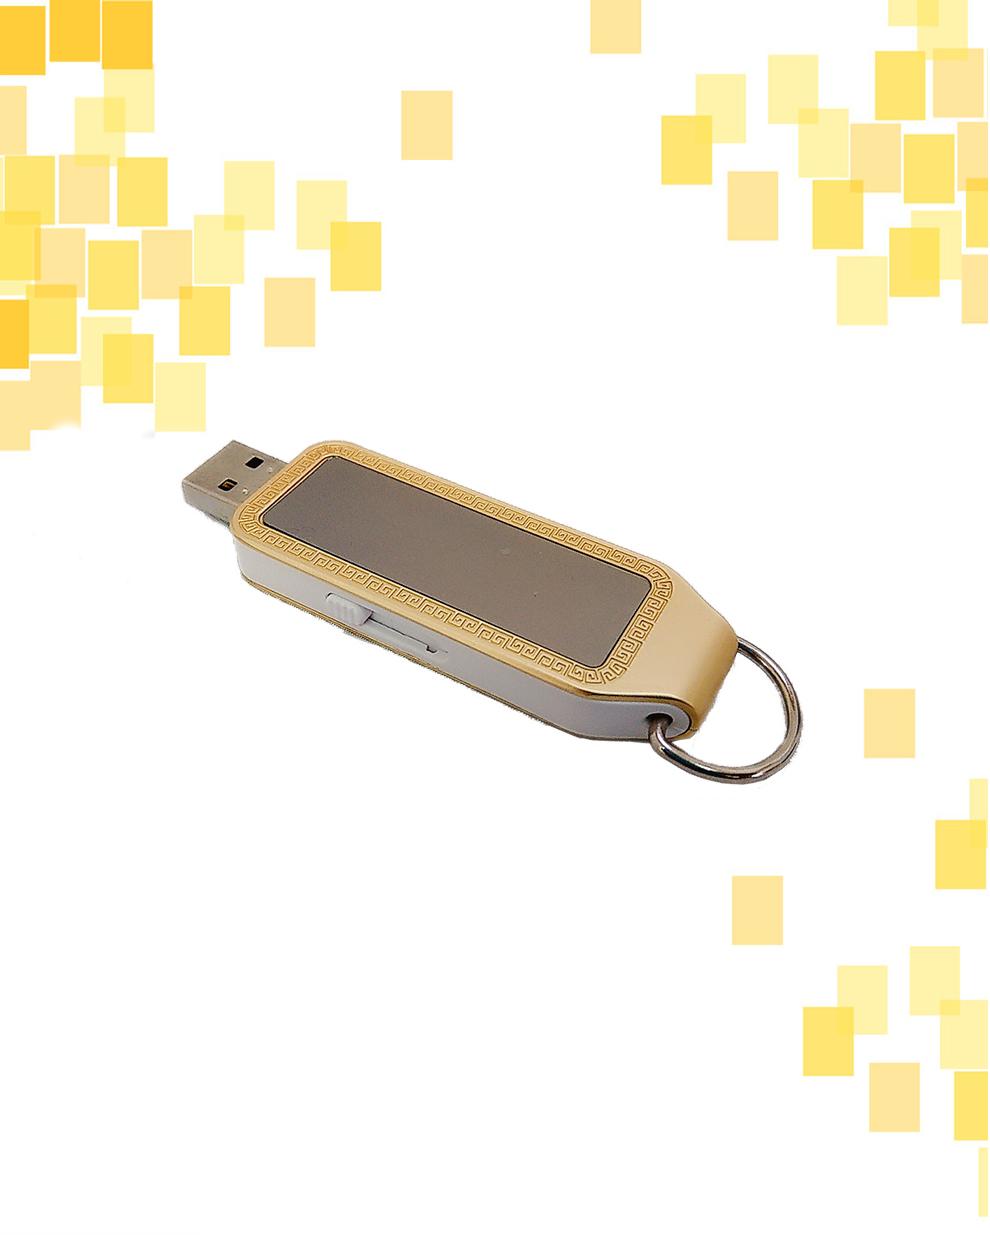 榮科實業贈品-8G 鏡面隨身碟